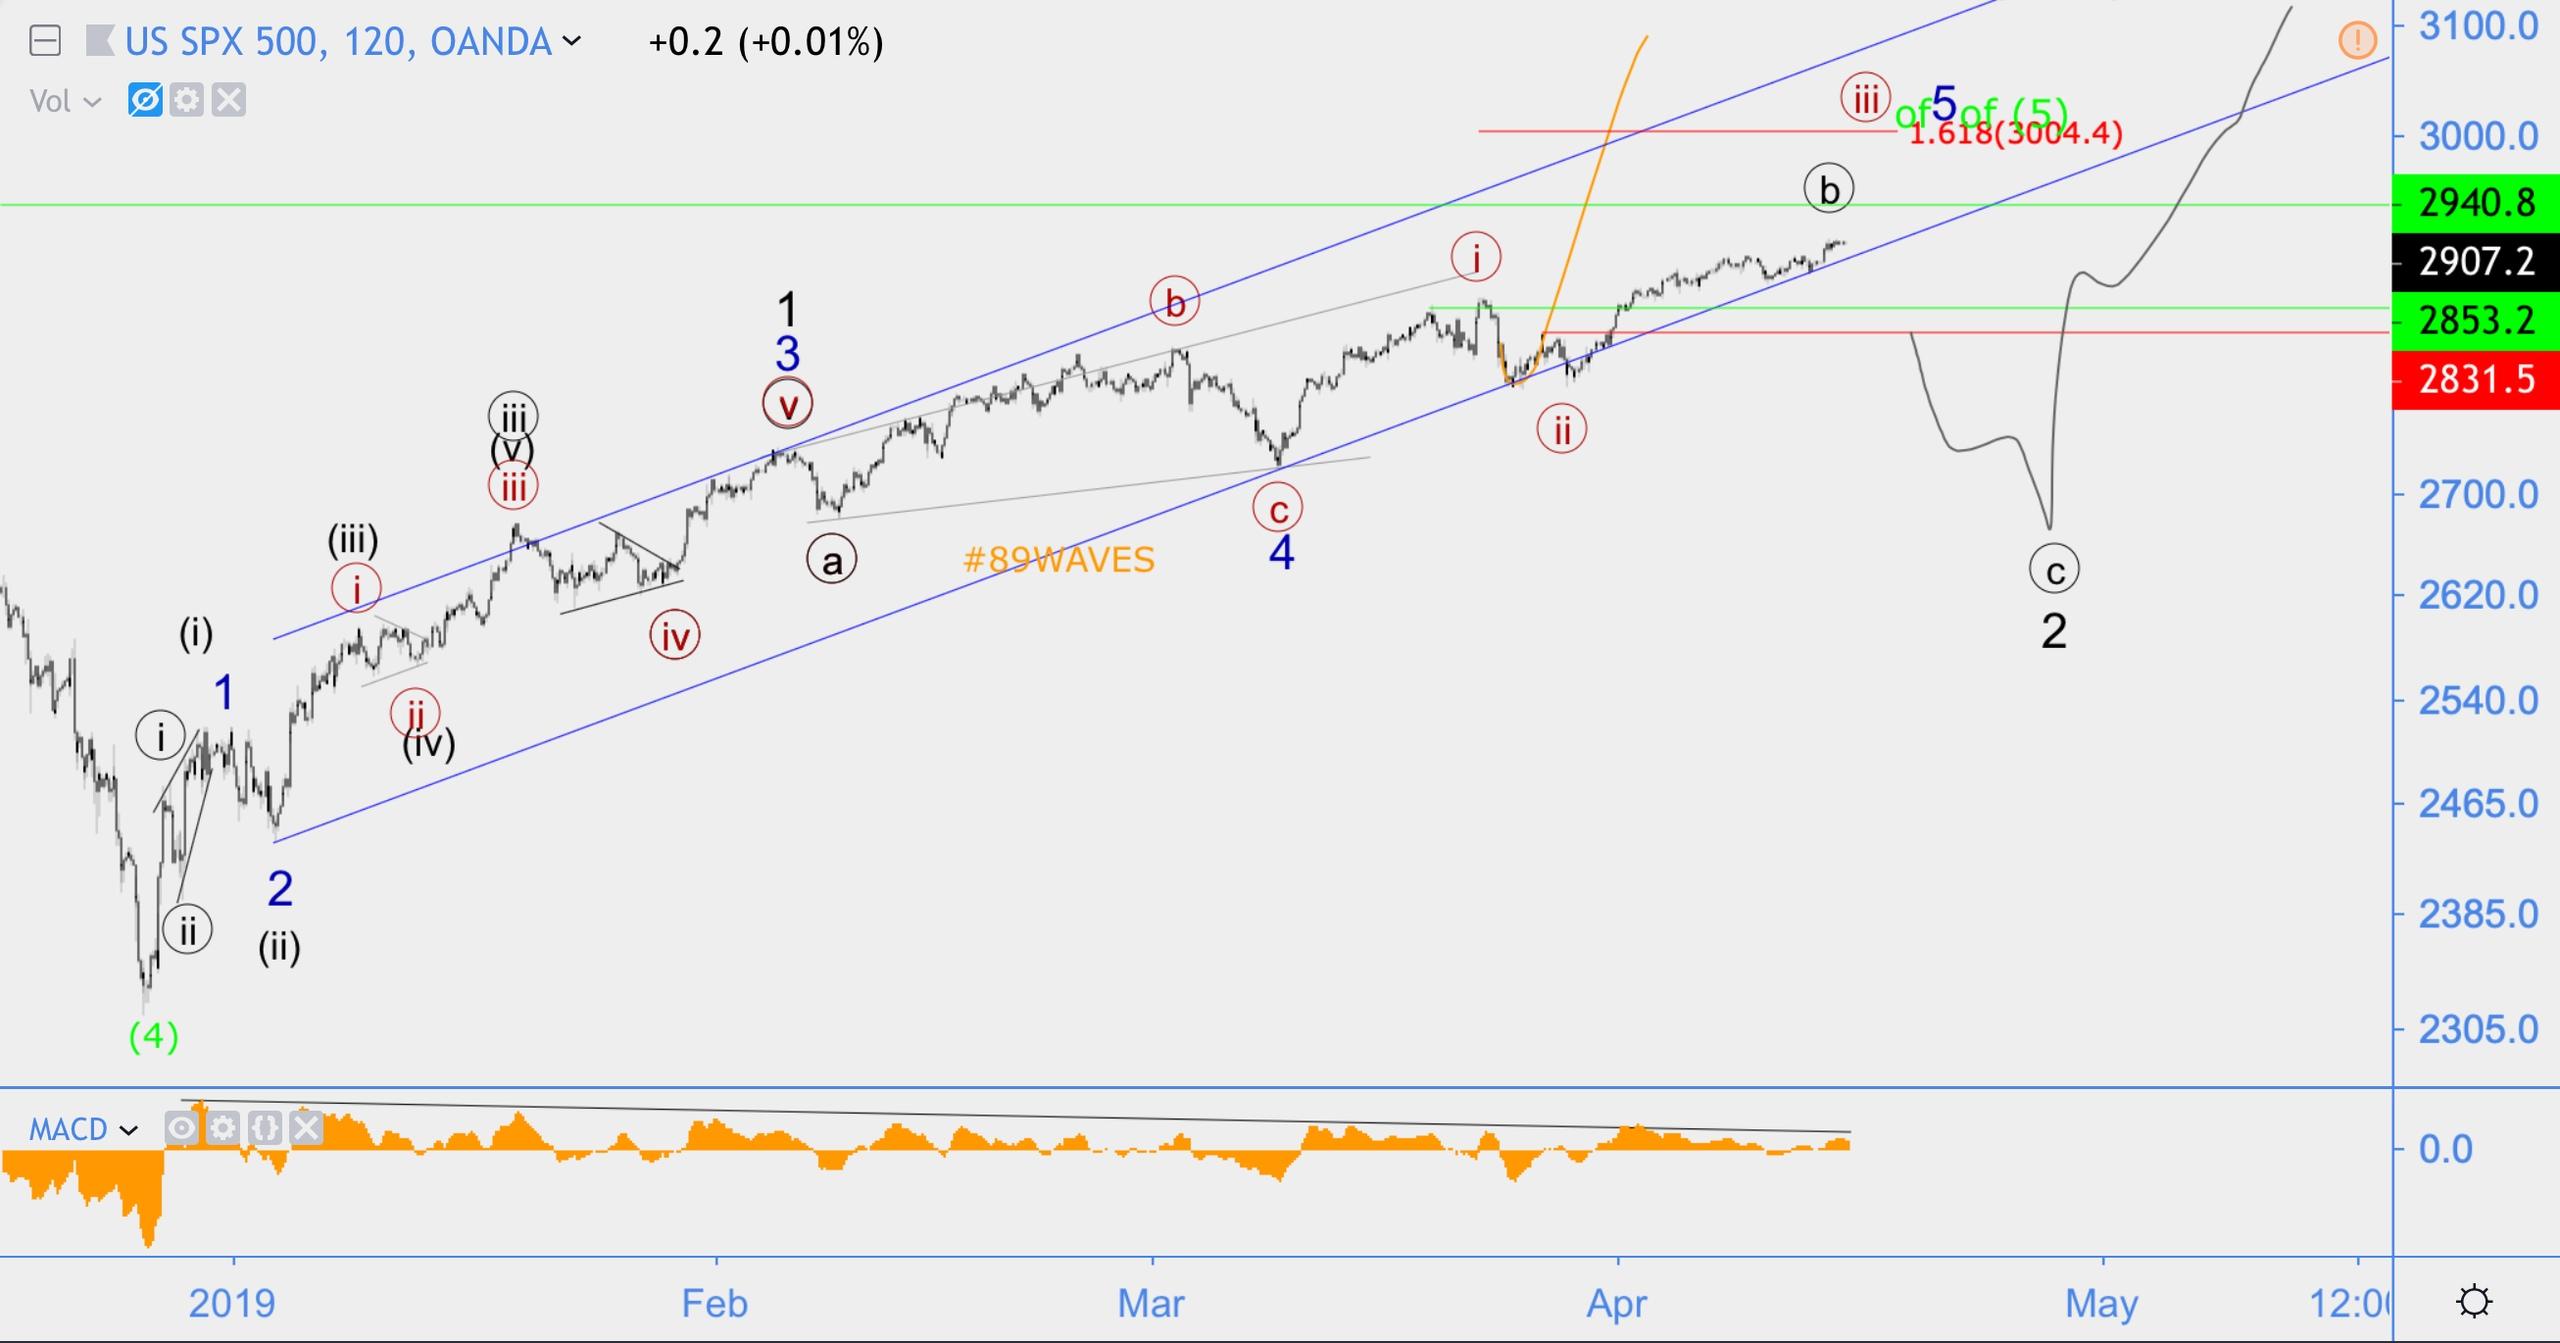 Волновой анализ S&P500(SPX), USD/CAD, ETC/USD